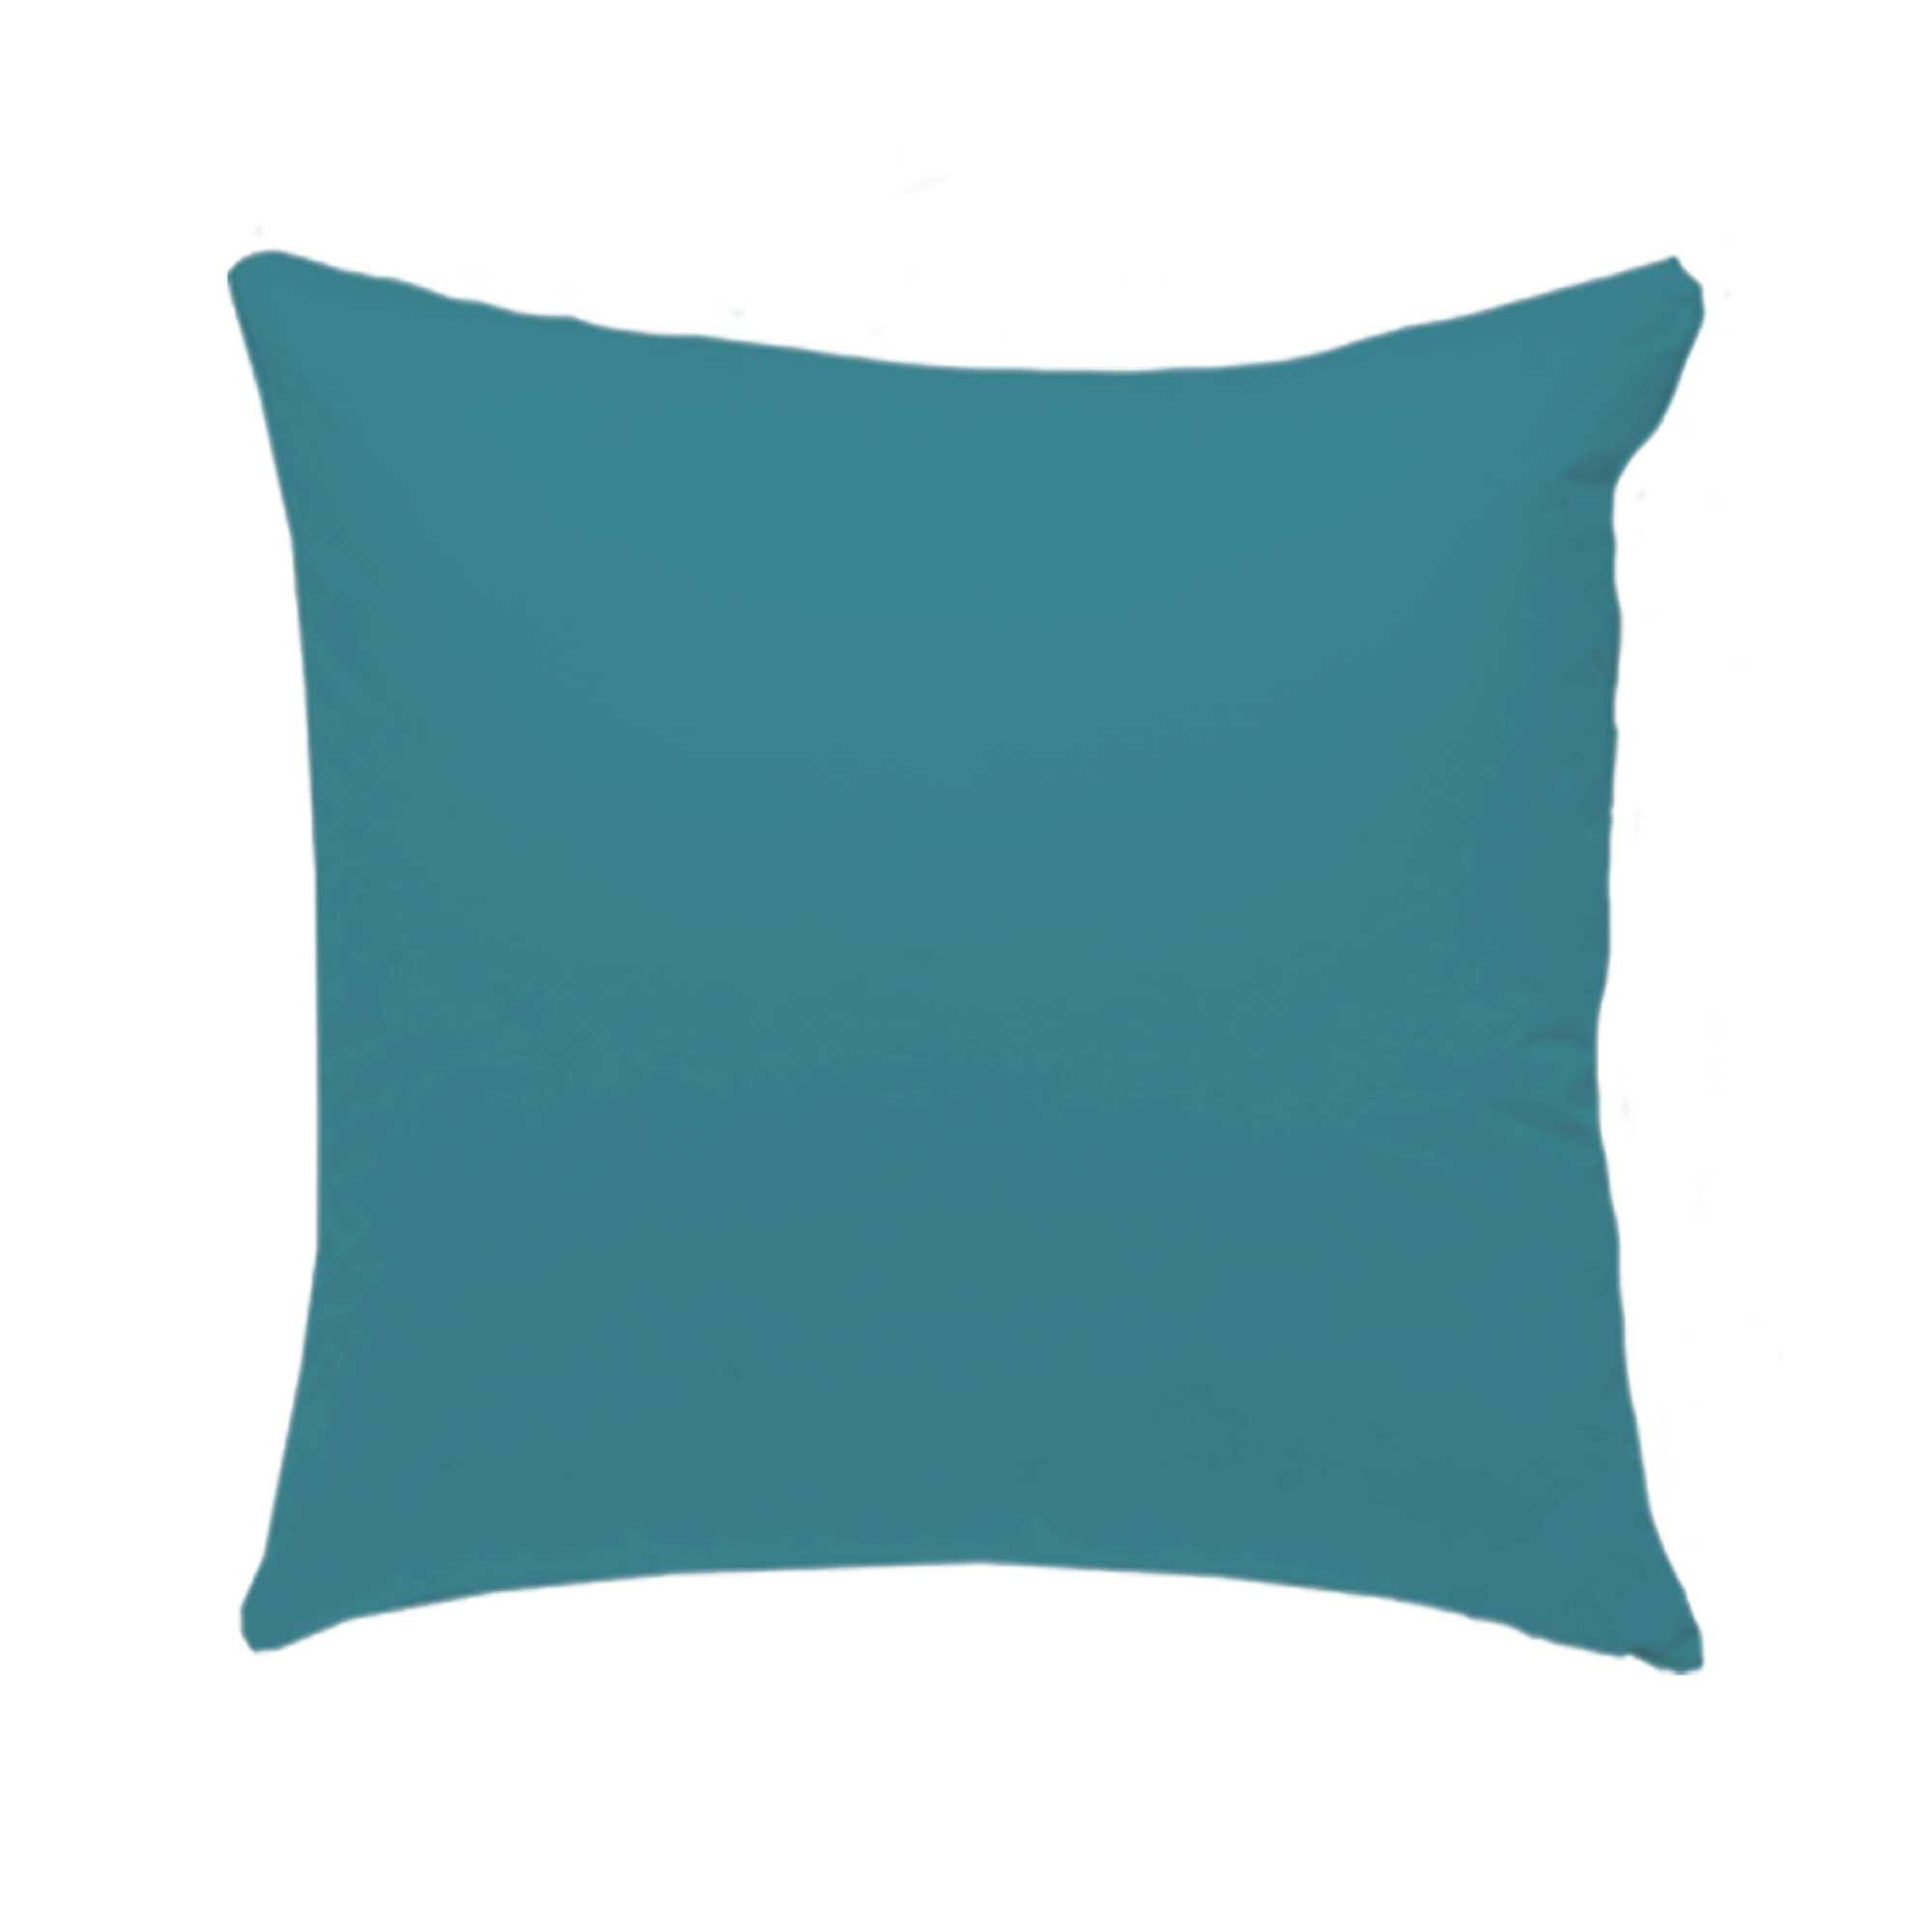 Housse De Coussin 40 X 40 Cm avec Coussin Bleu Turquoise